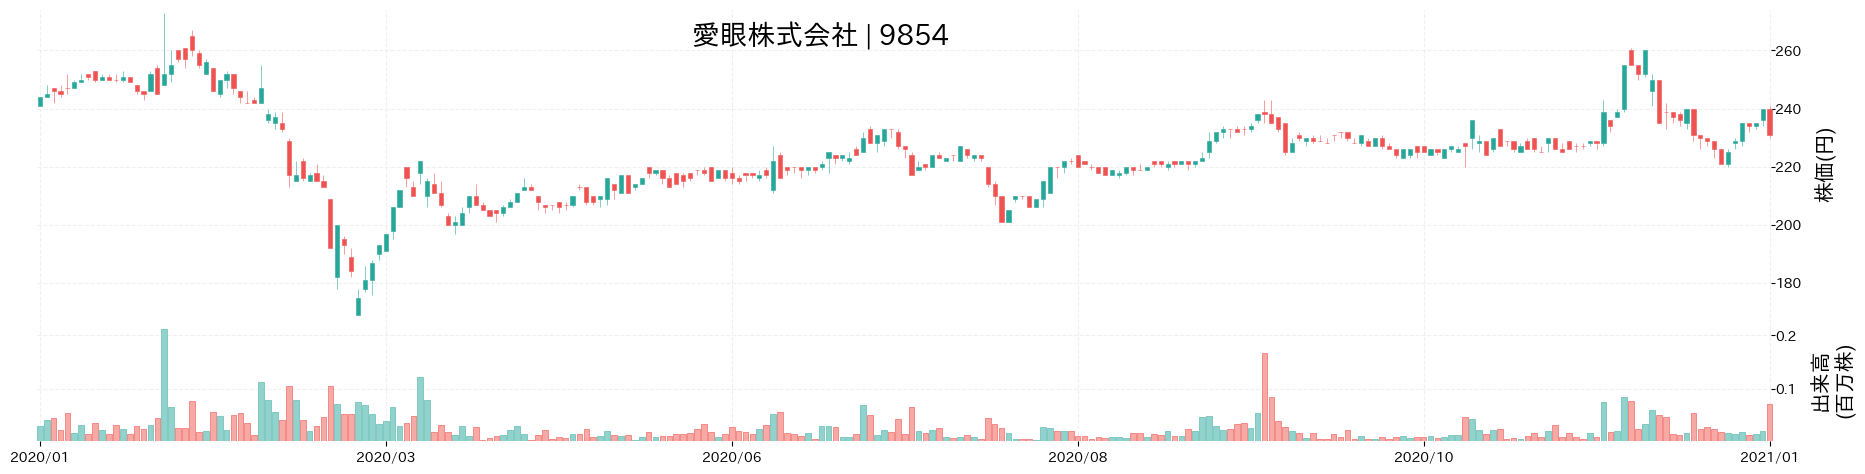 愛眼株式会社の株価推移(2020)